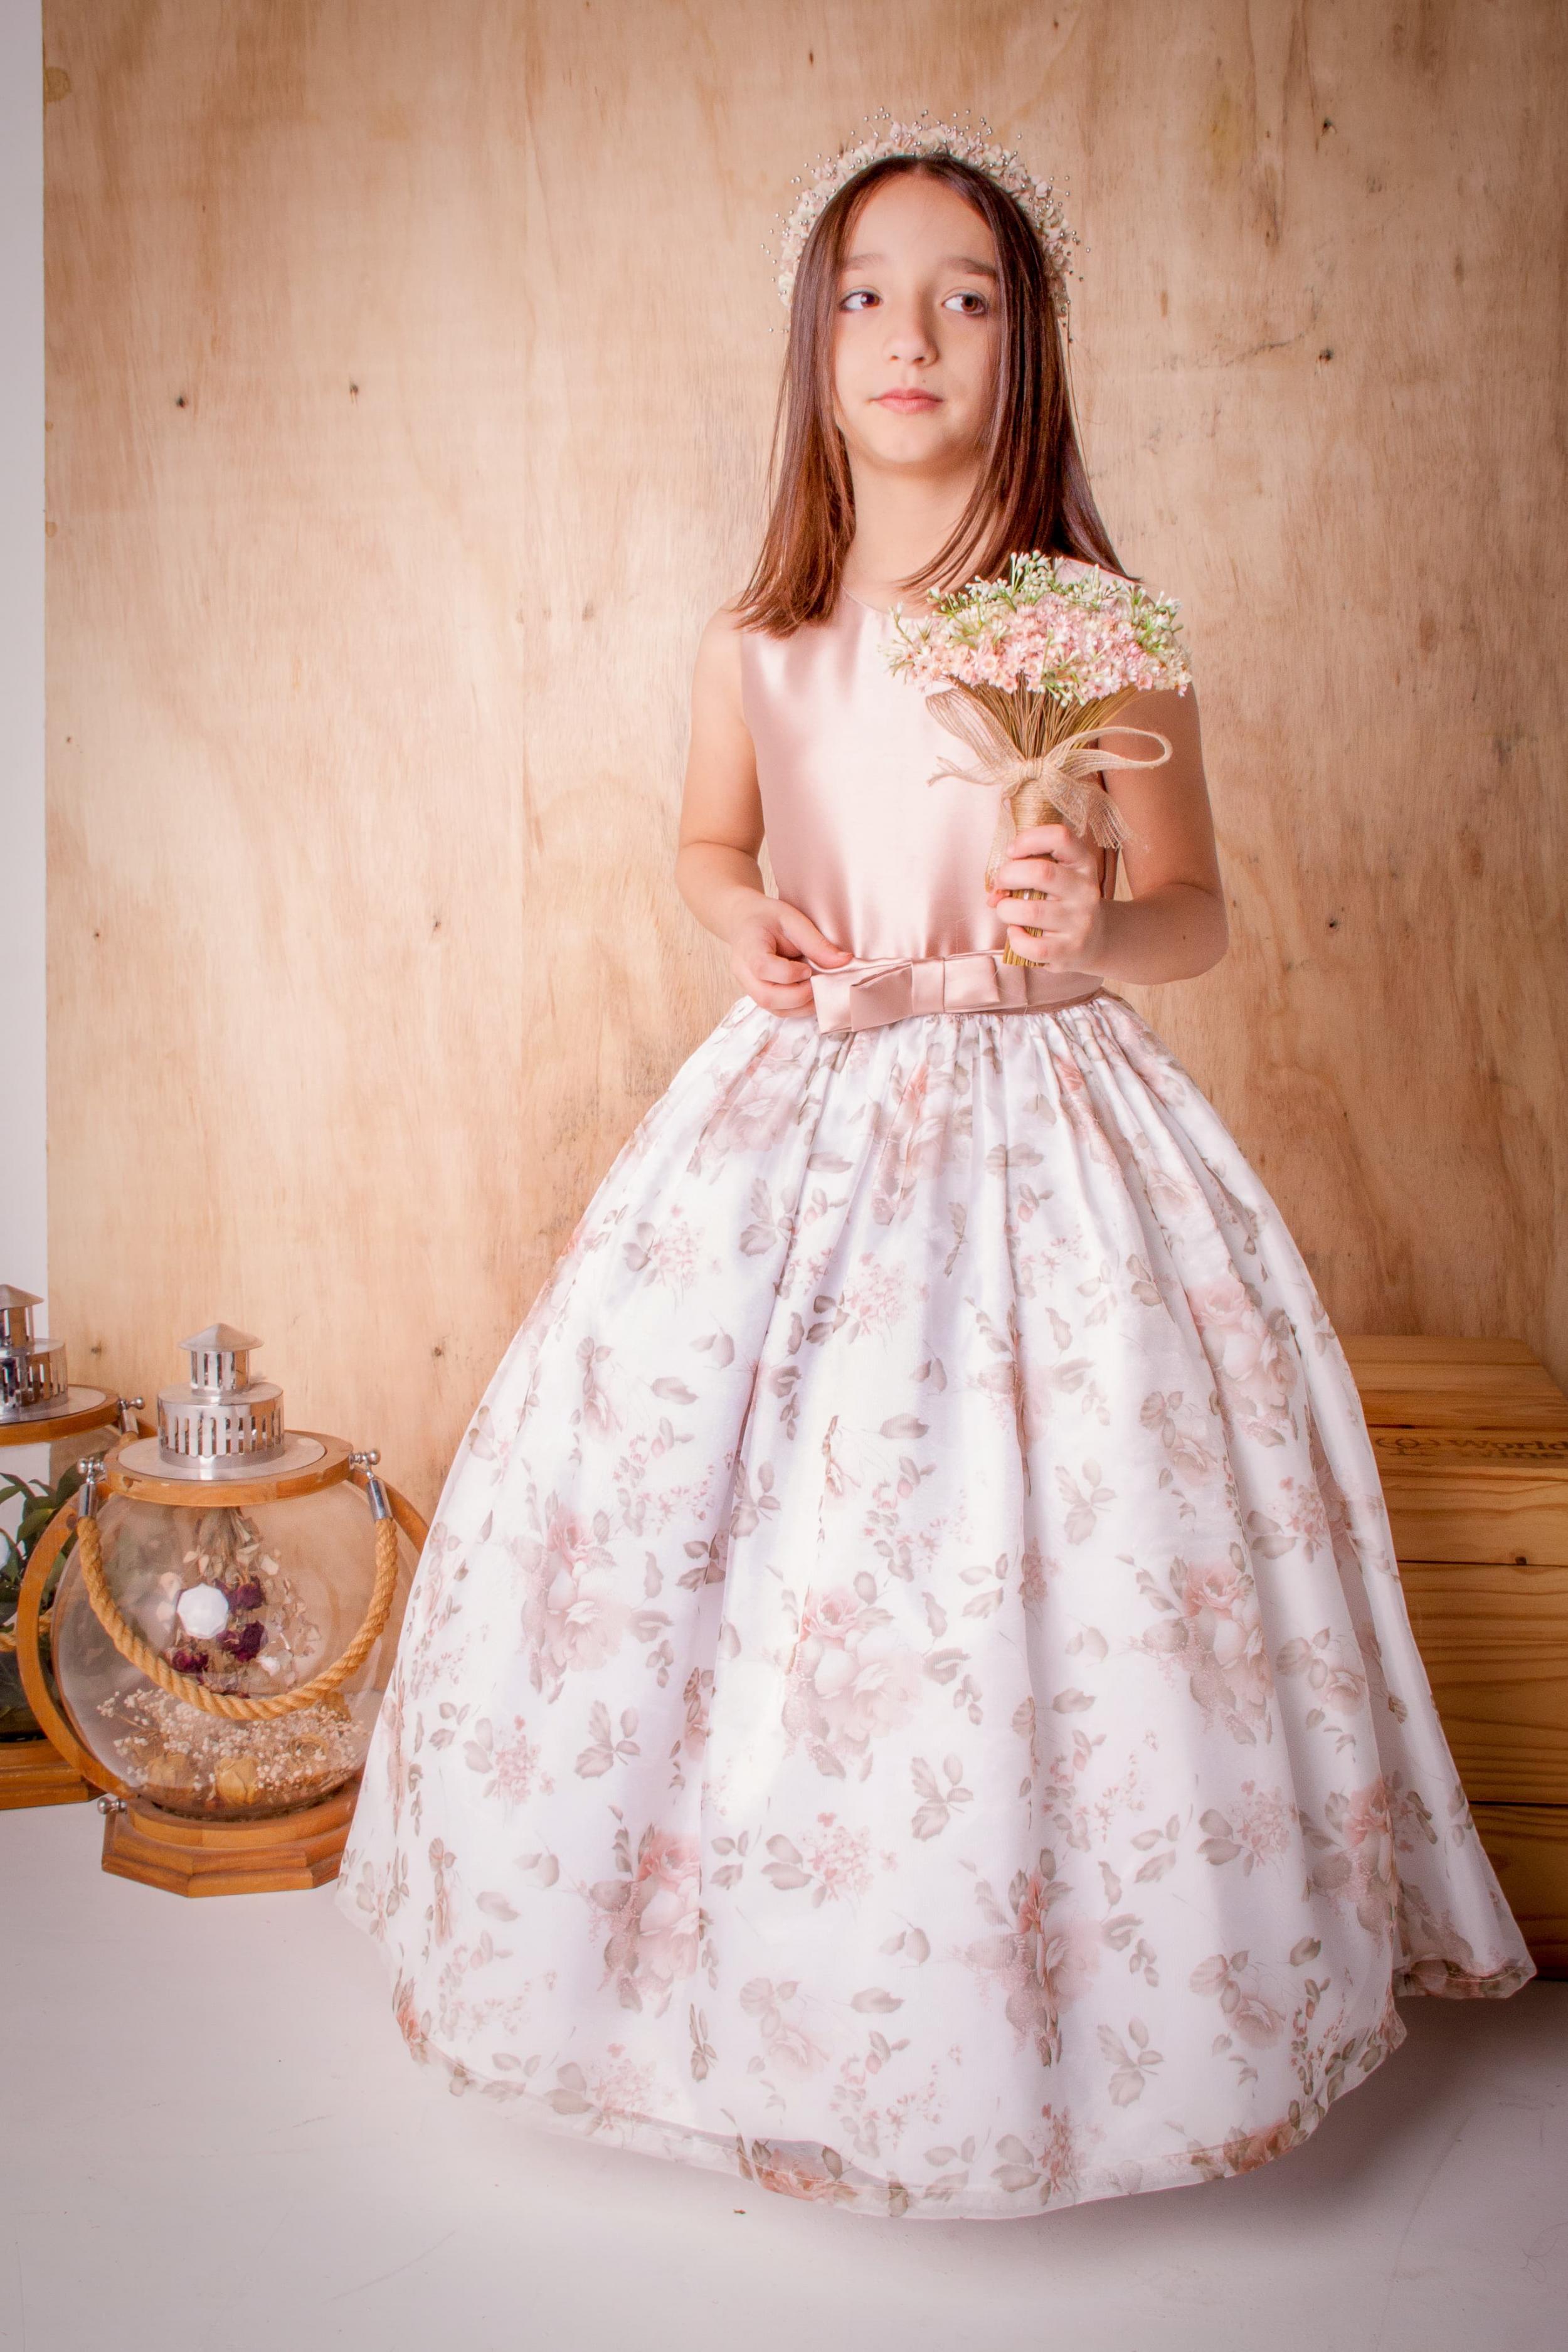 38 - Vestido estampado com cintinho estilo Dior